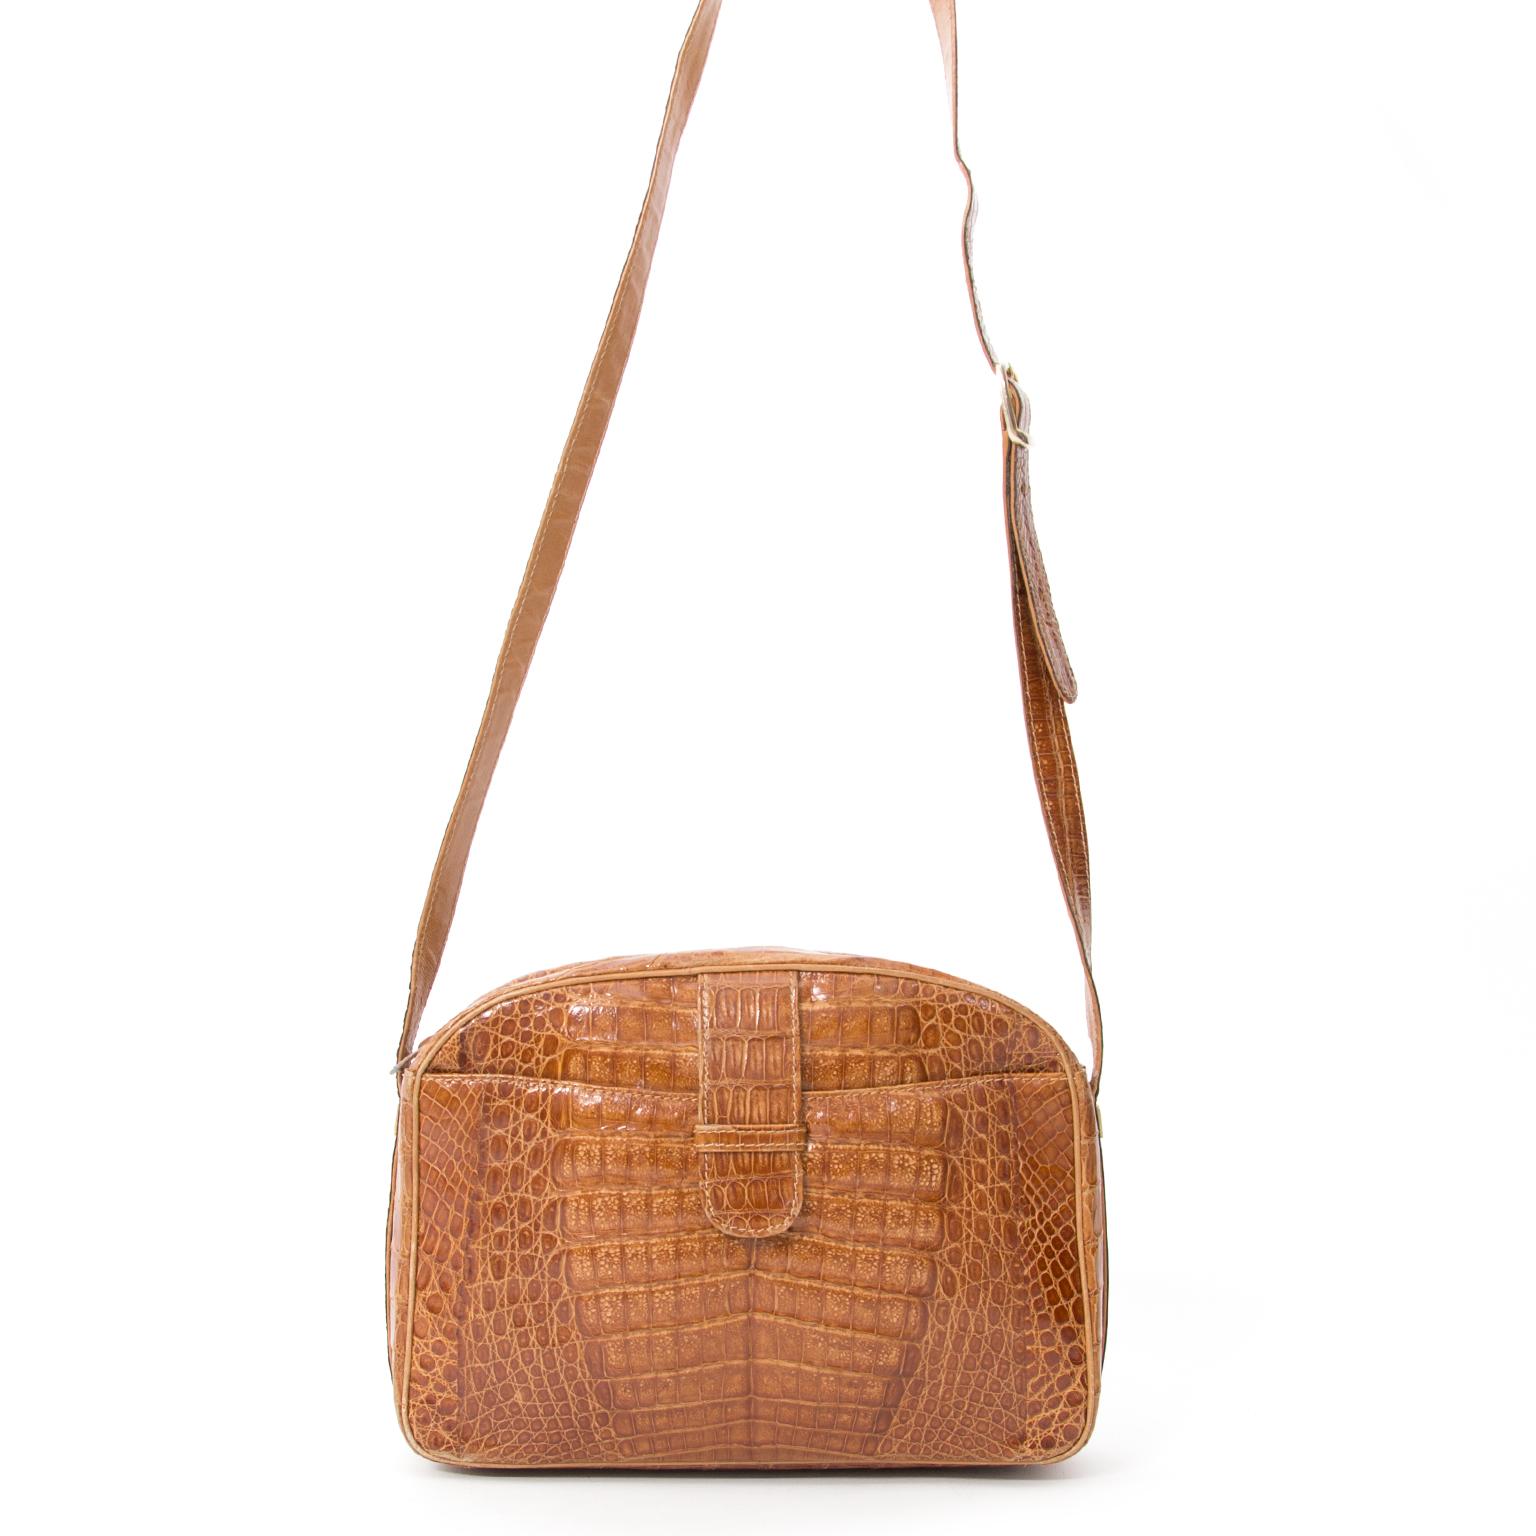 6560e3be9 ... Koop veilig tweedehands Vintage Croco Cognac Cross-Body Bag bij Labellov